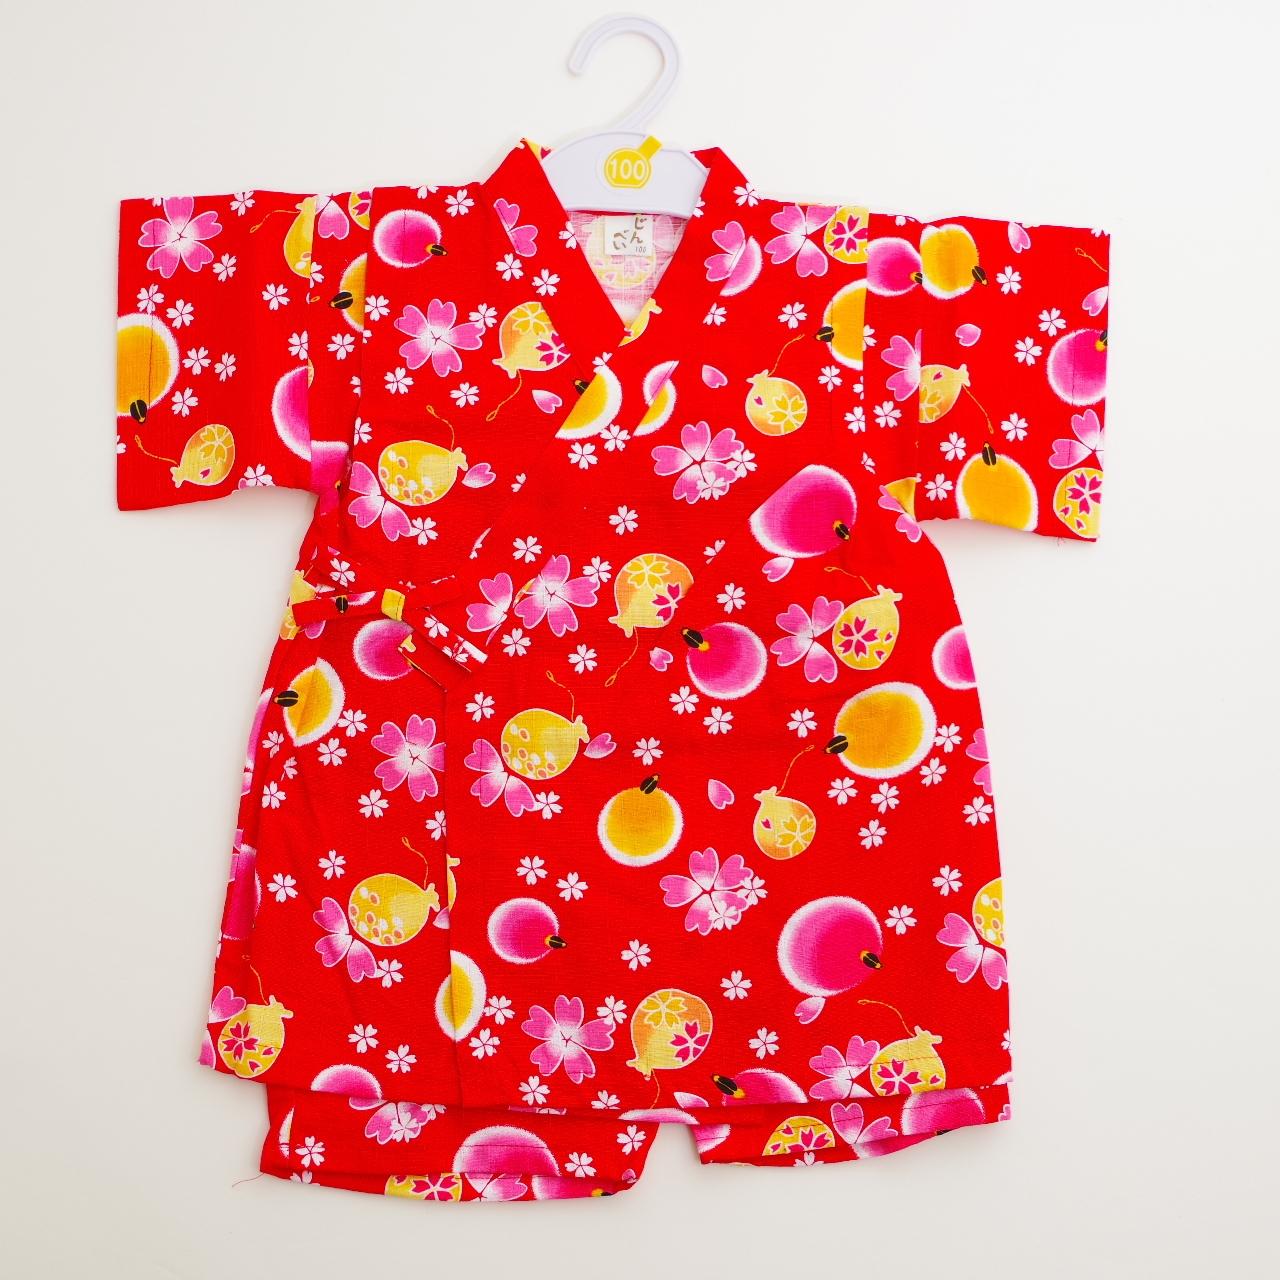 日本製 甚平スーツ 祭り 女の子 ホタル  110cm/120cm/130cm(720944)